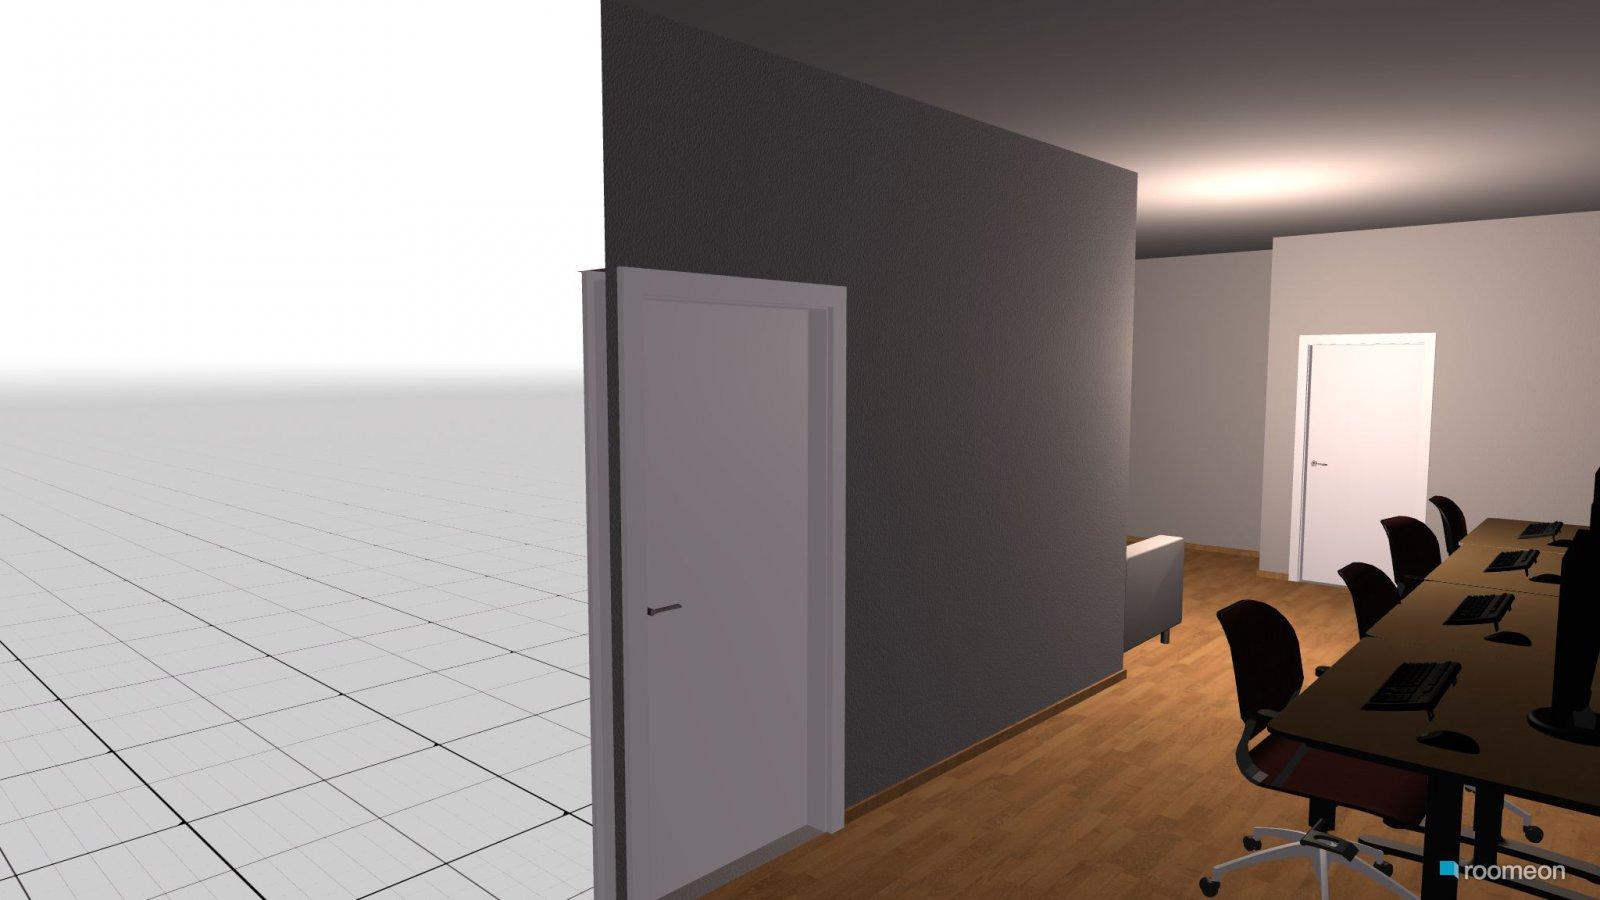 room design entwickler-büro ohne zwischenwand - roomeon community